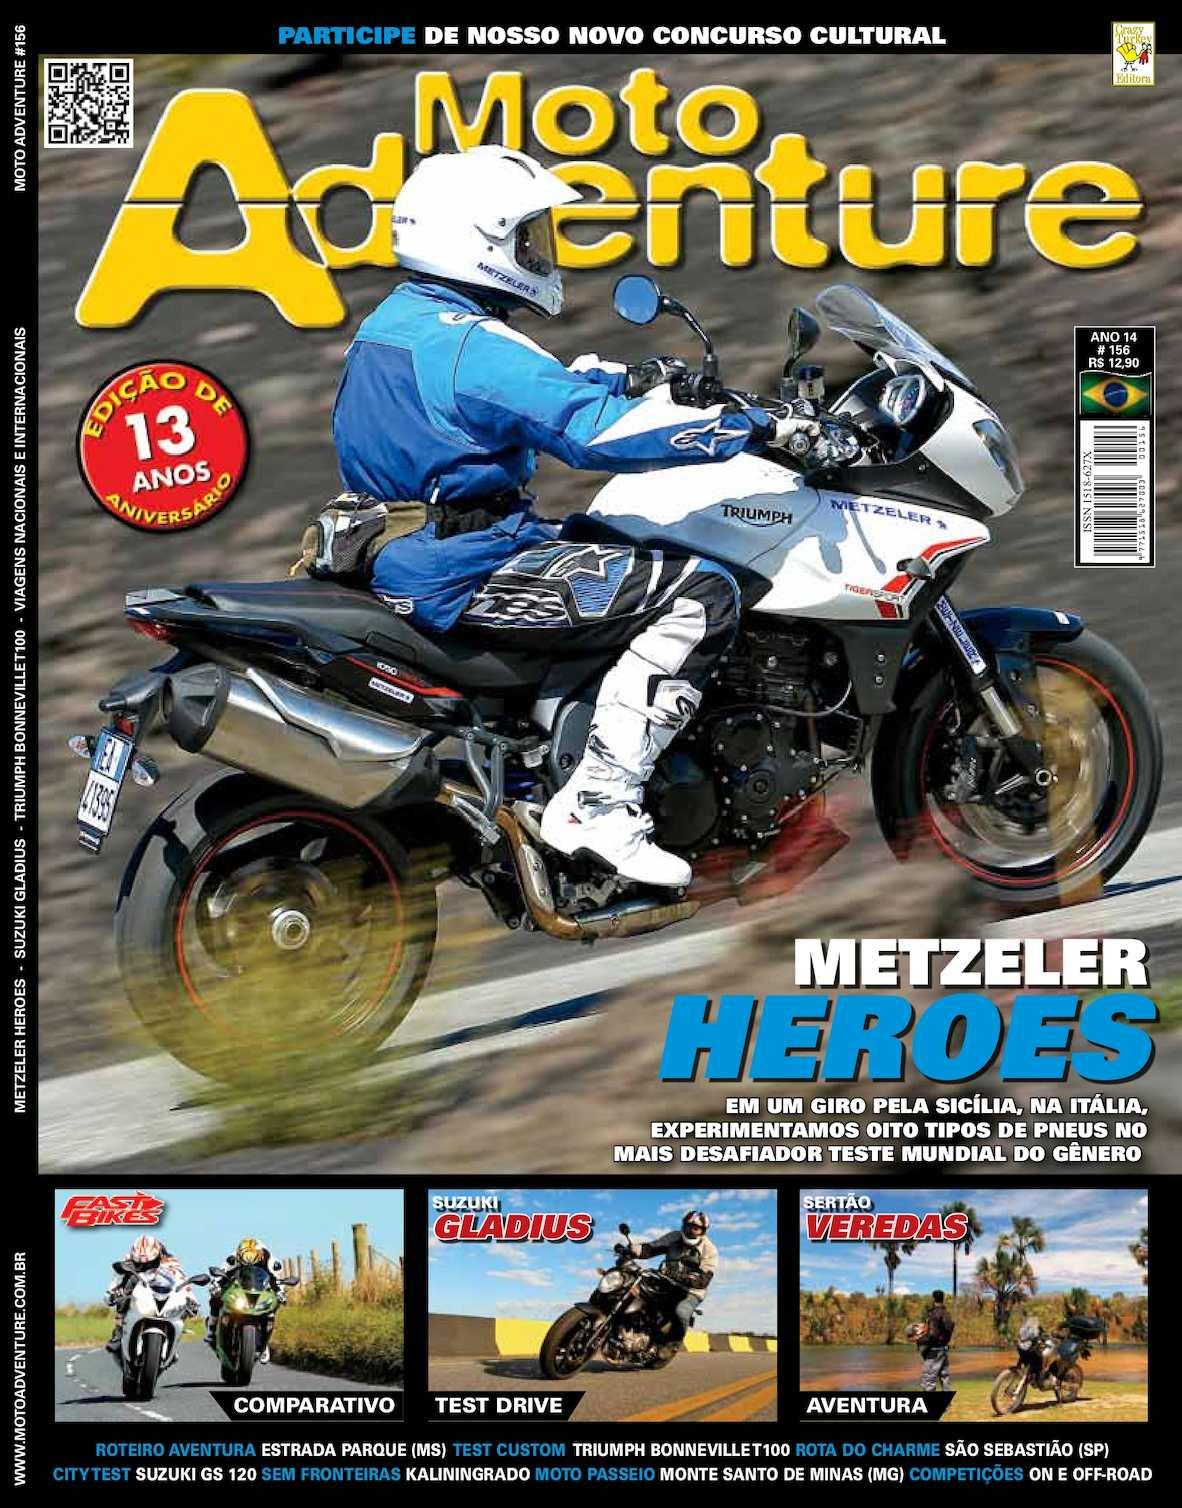 cd2c81131be Calaméo - Moto Adventure 156 Web Novembro